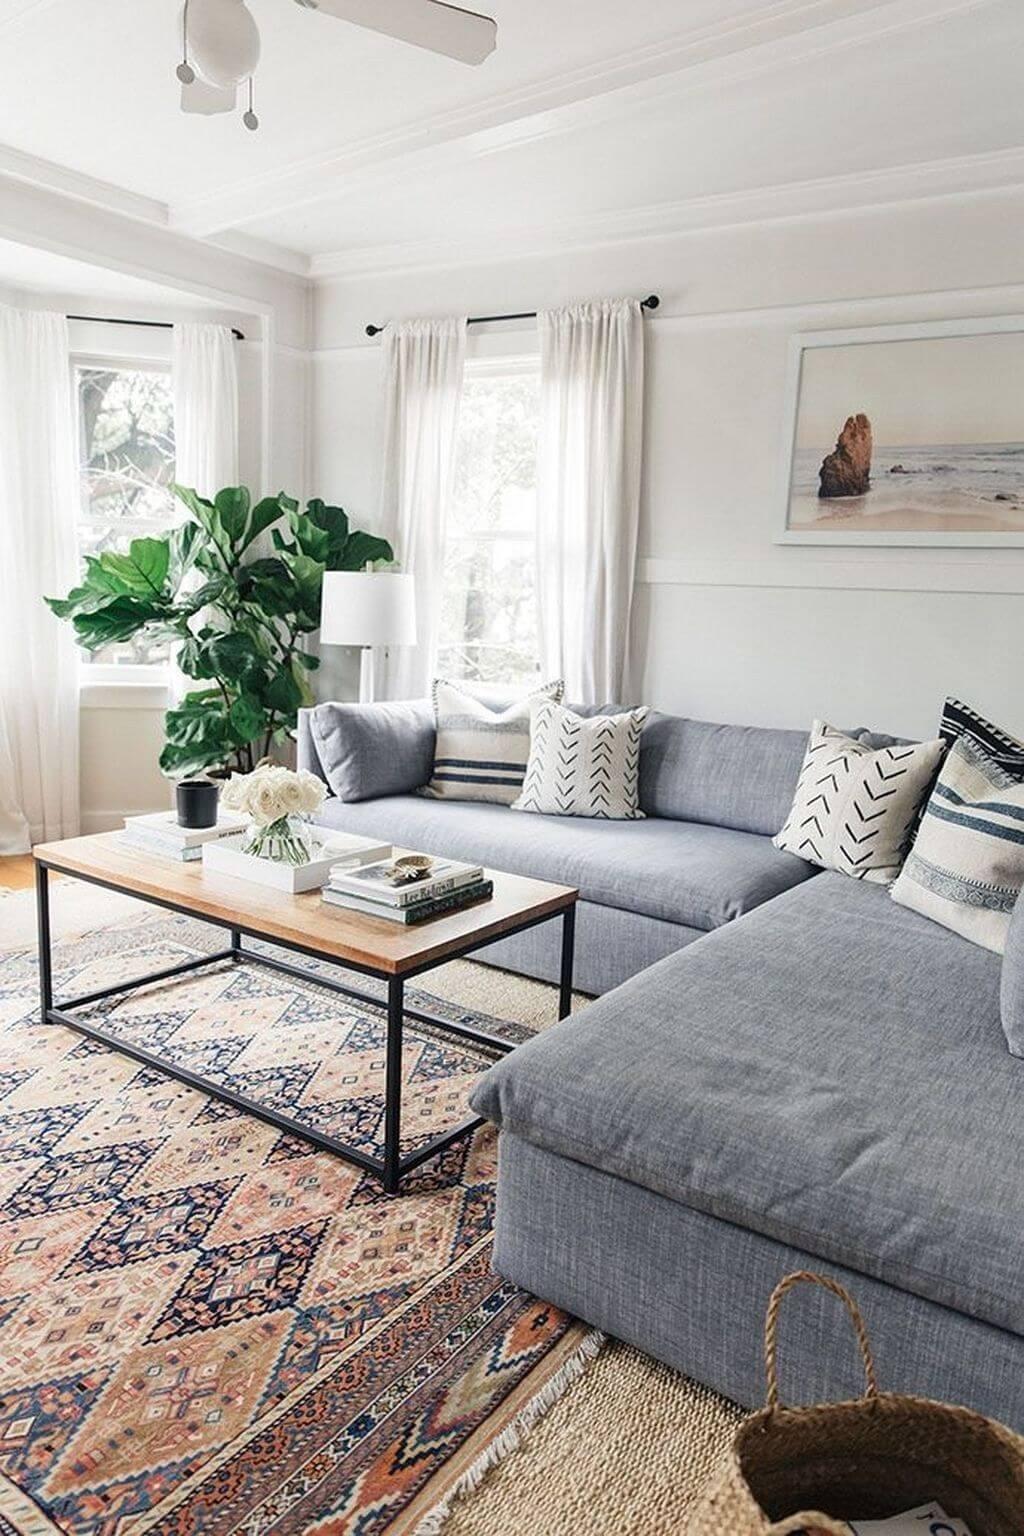 Sala grande decorada com sofá cinza e tapete estampado